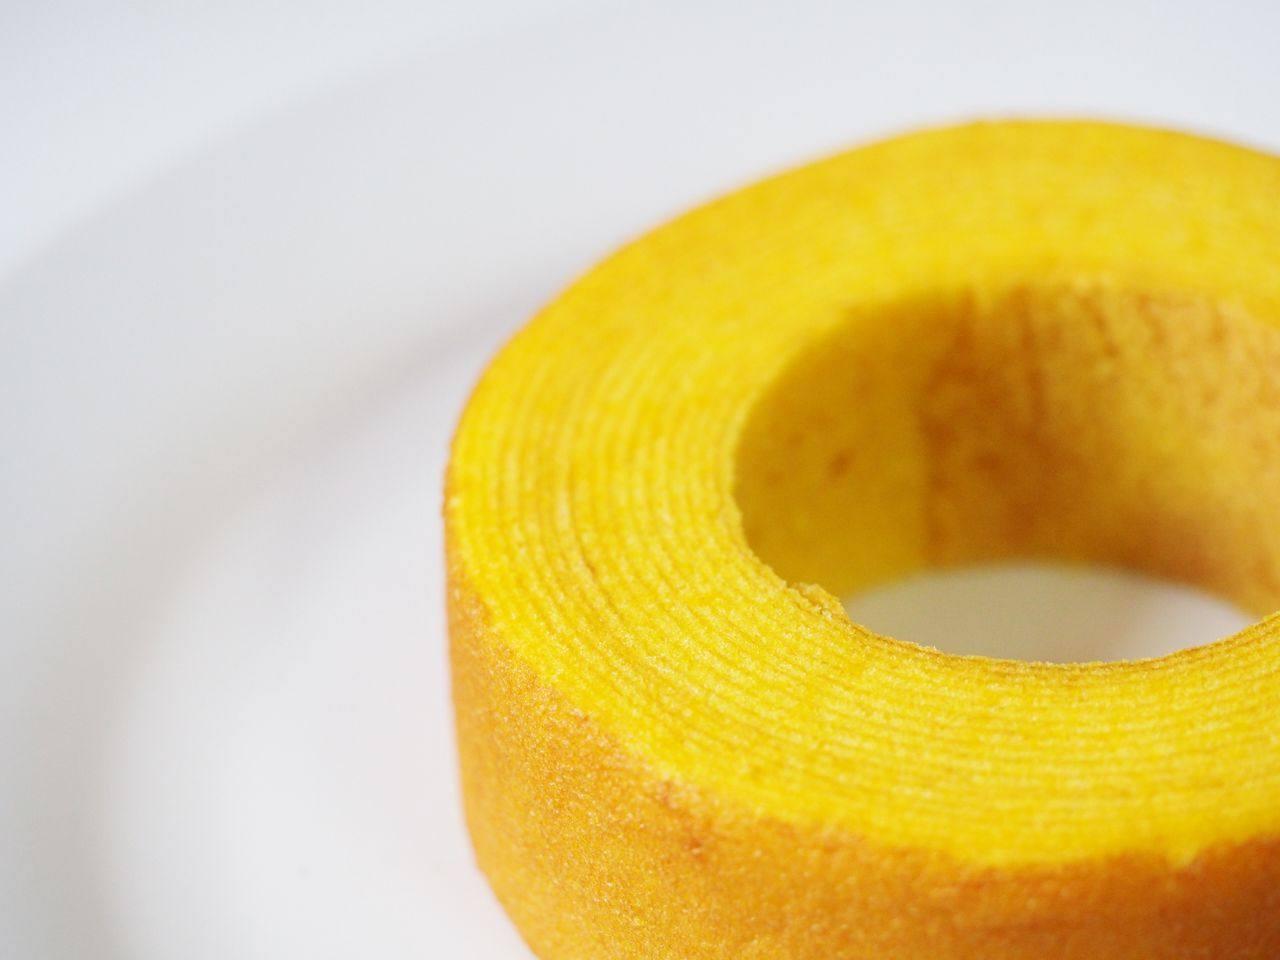 鳳梨年輪蛋糕